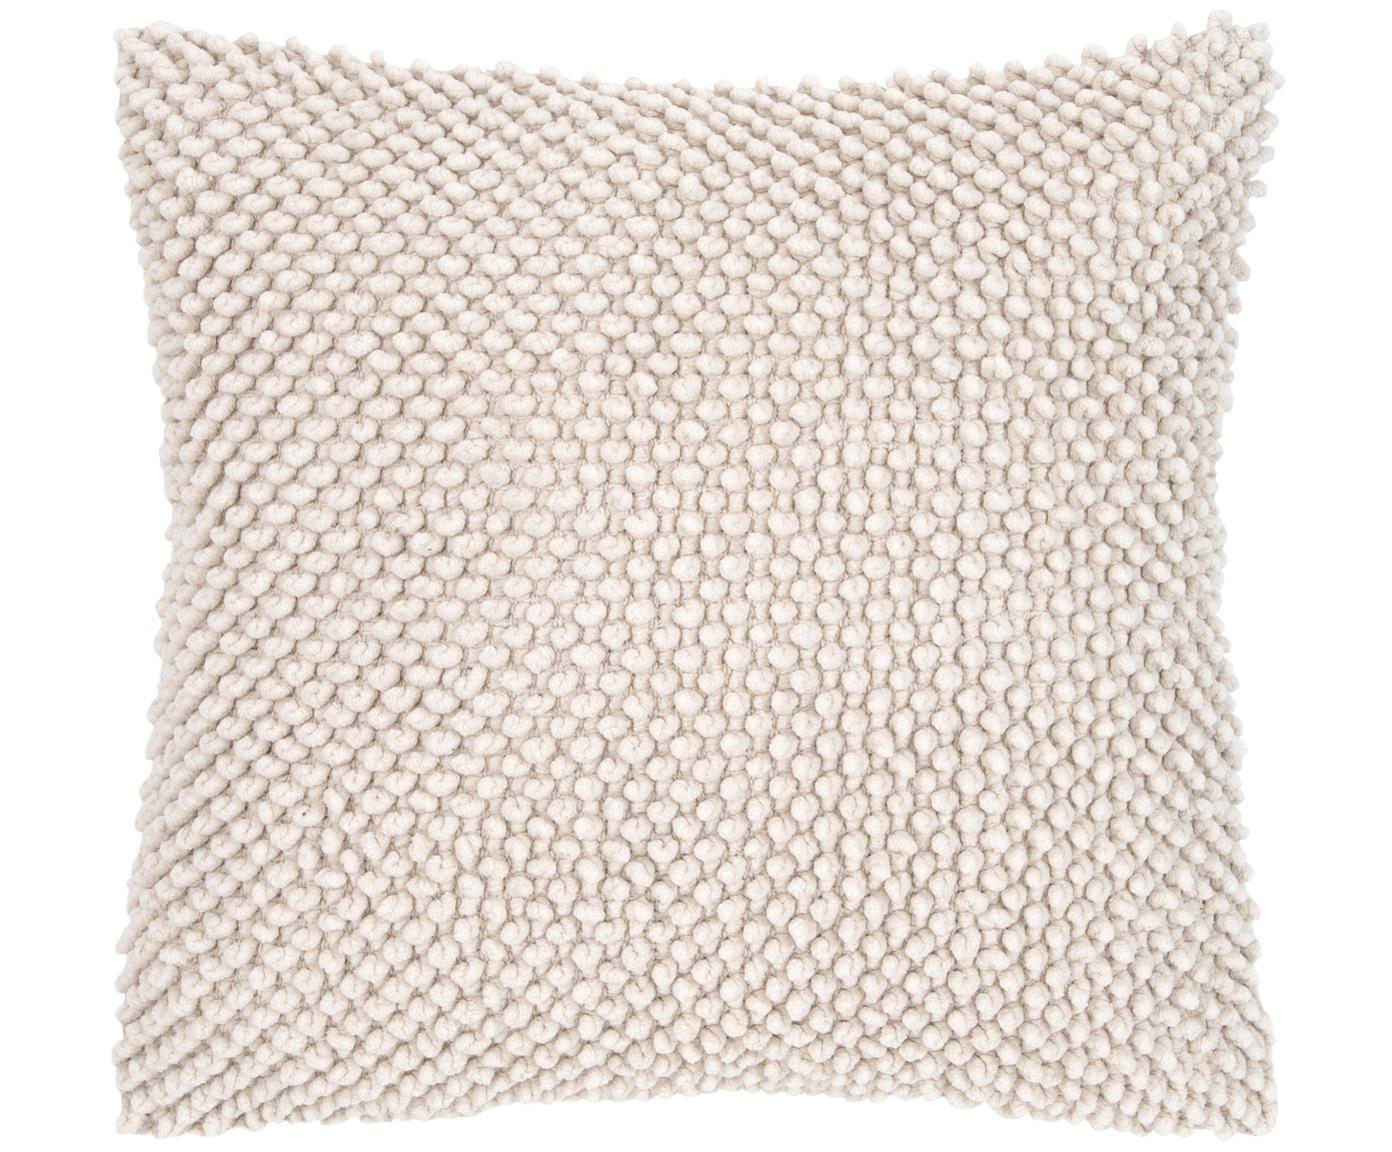 Kussenhoes Indi met gestructureerde oppervlak, Katoen, Gebroken wit, 45 x 45 cm